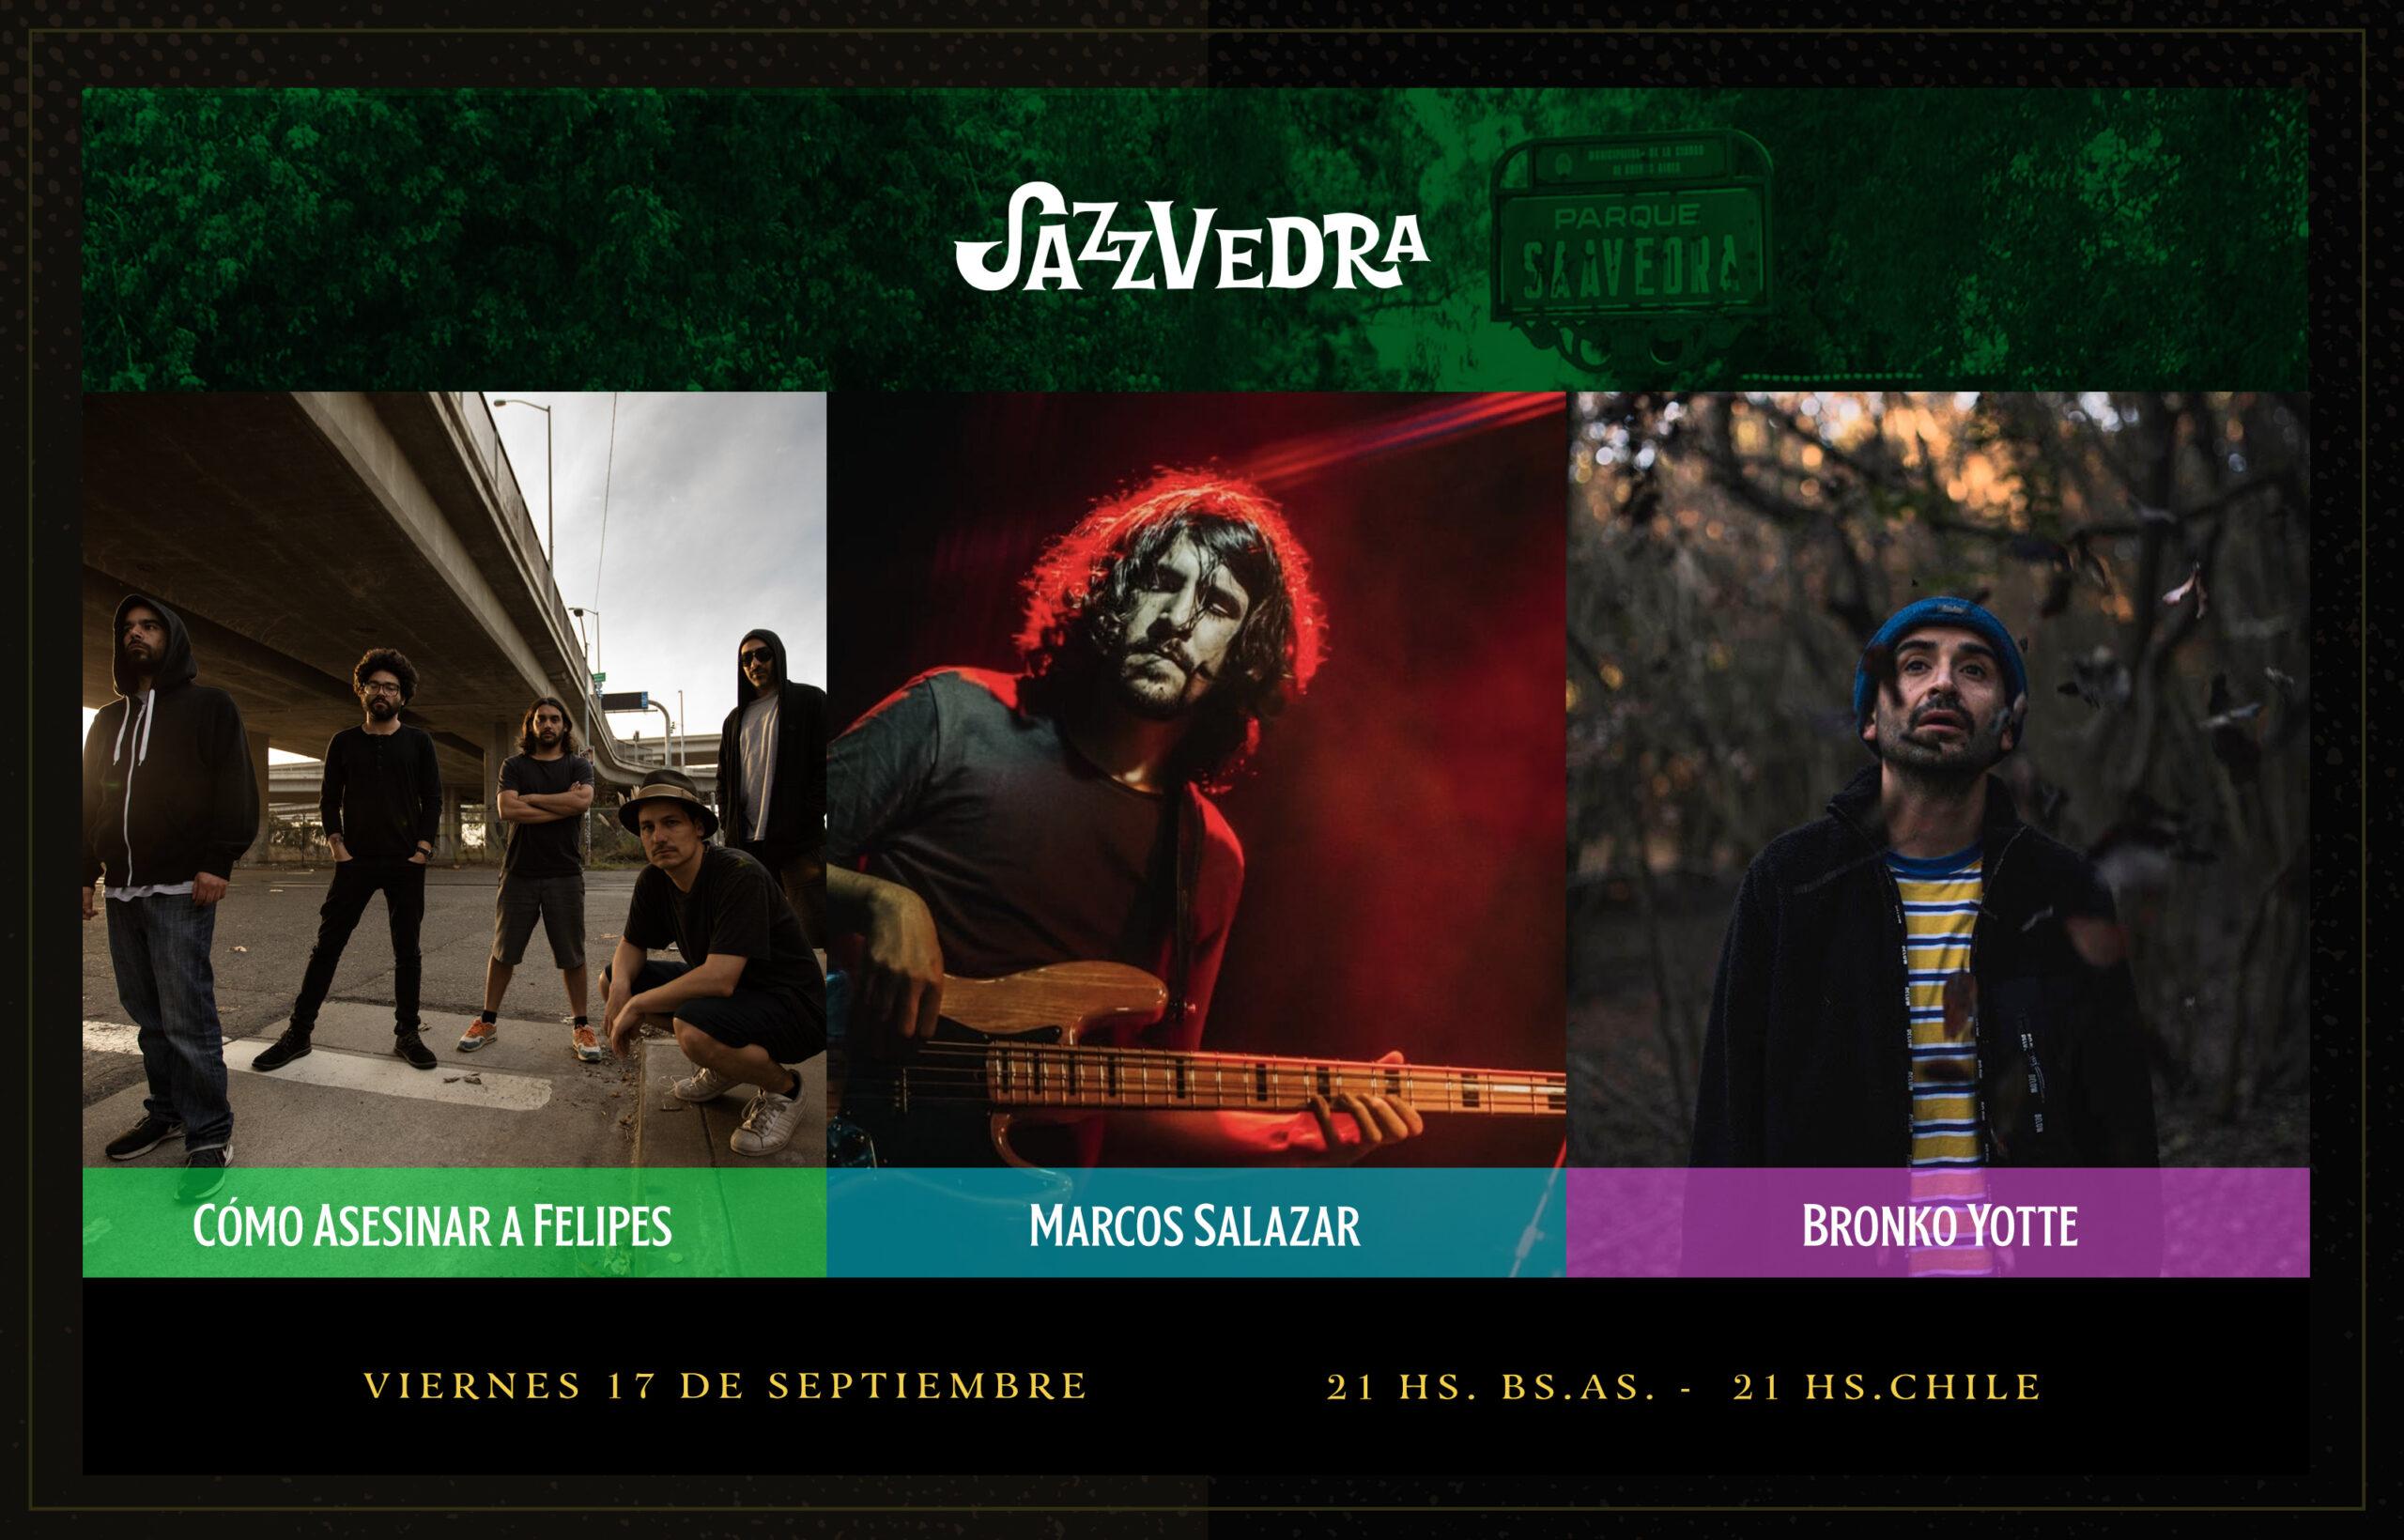 Festival Jazzvedra de Argentina presenta su tercera edición éste 17 de septiembre